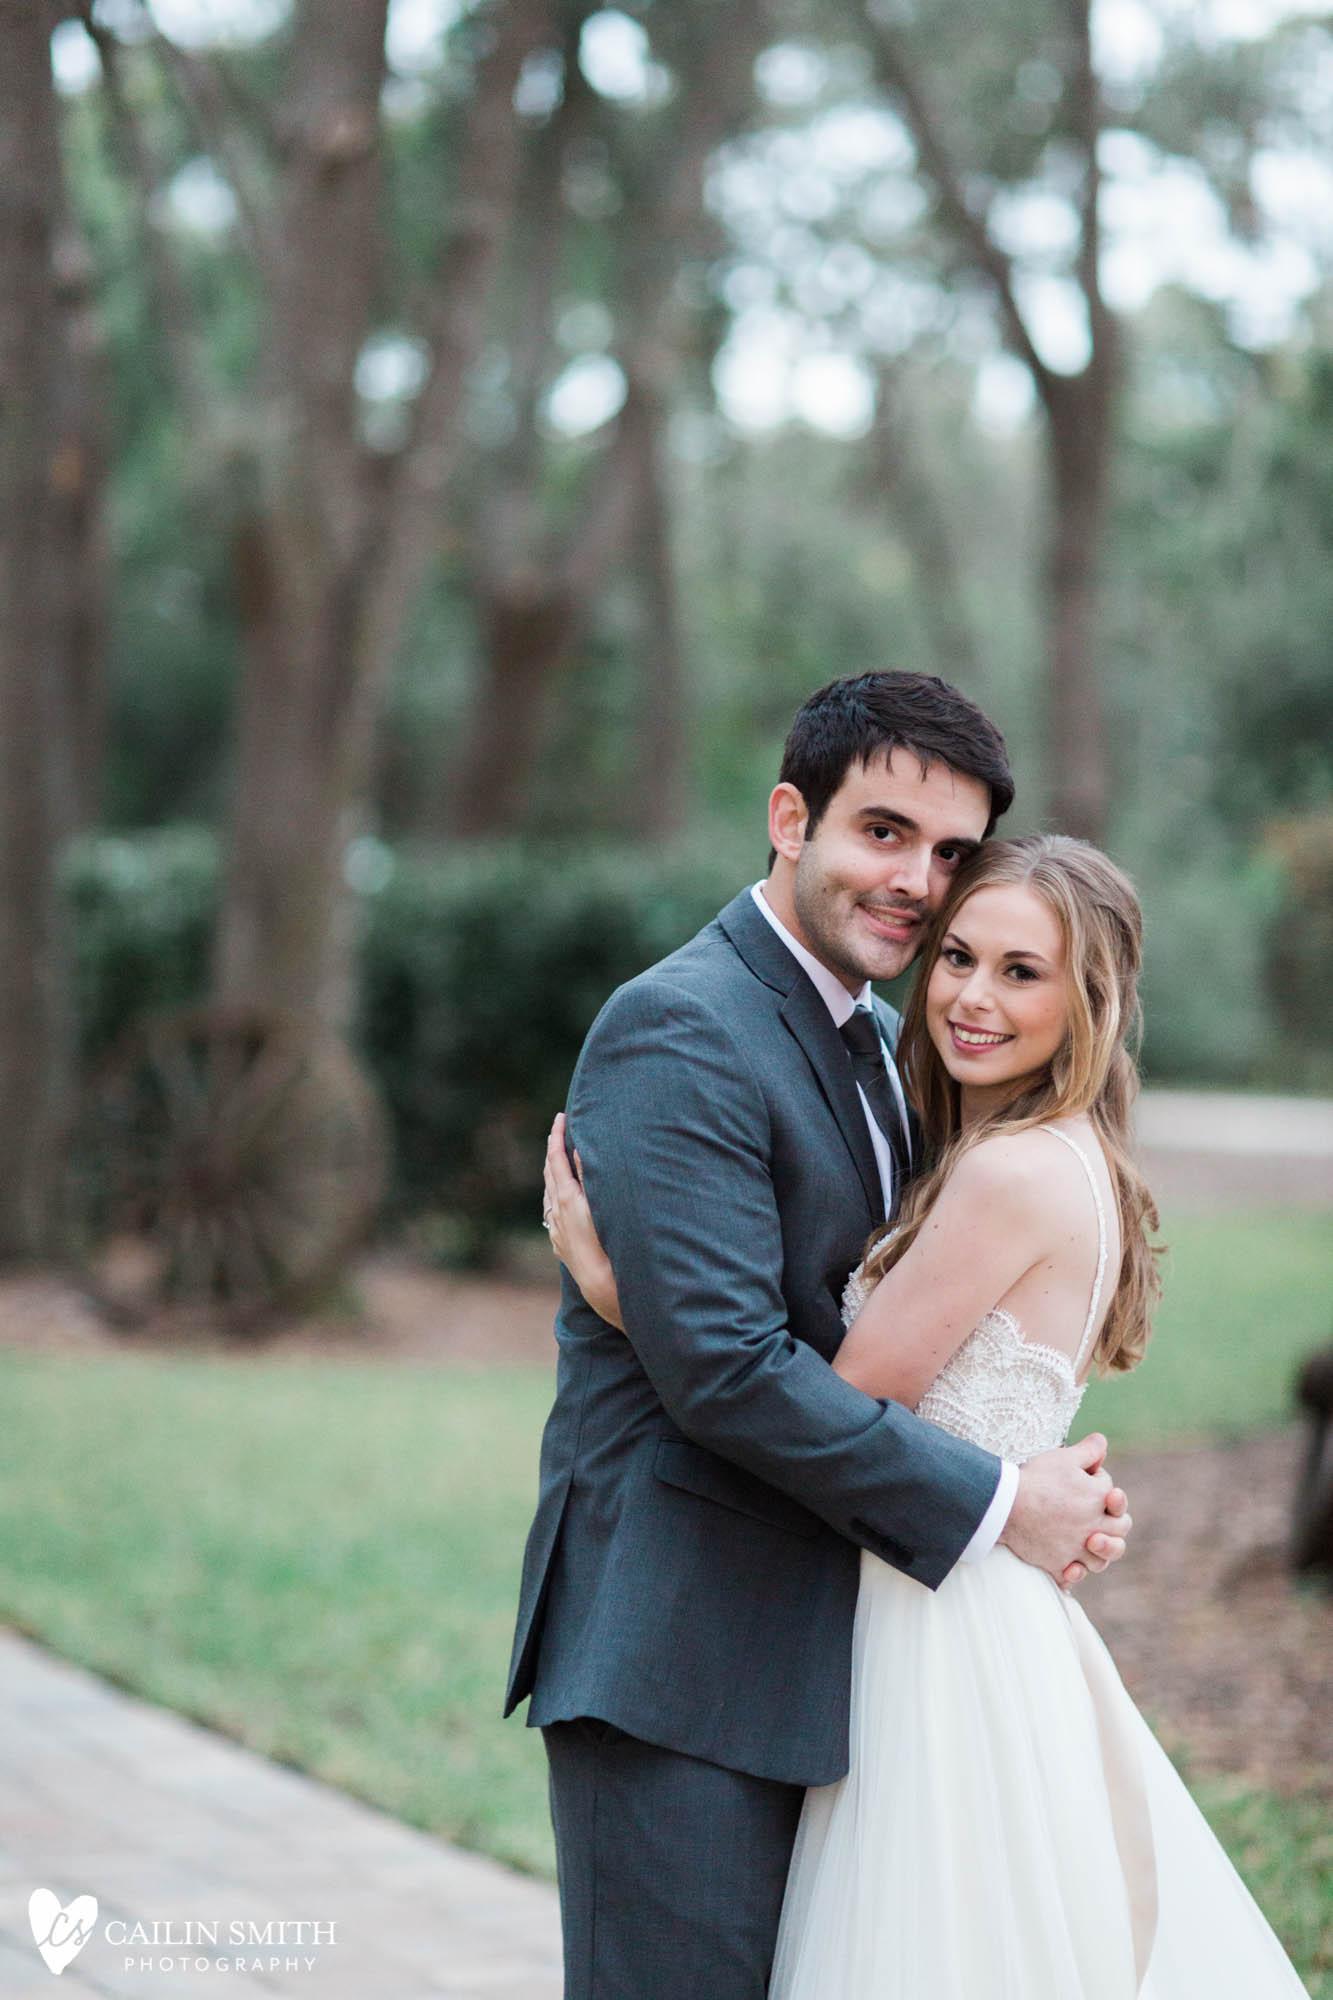 Sylvia_Anthony_Bowing_Oaks_Plantation_Wedding_Photography_0094.jpg